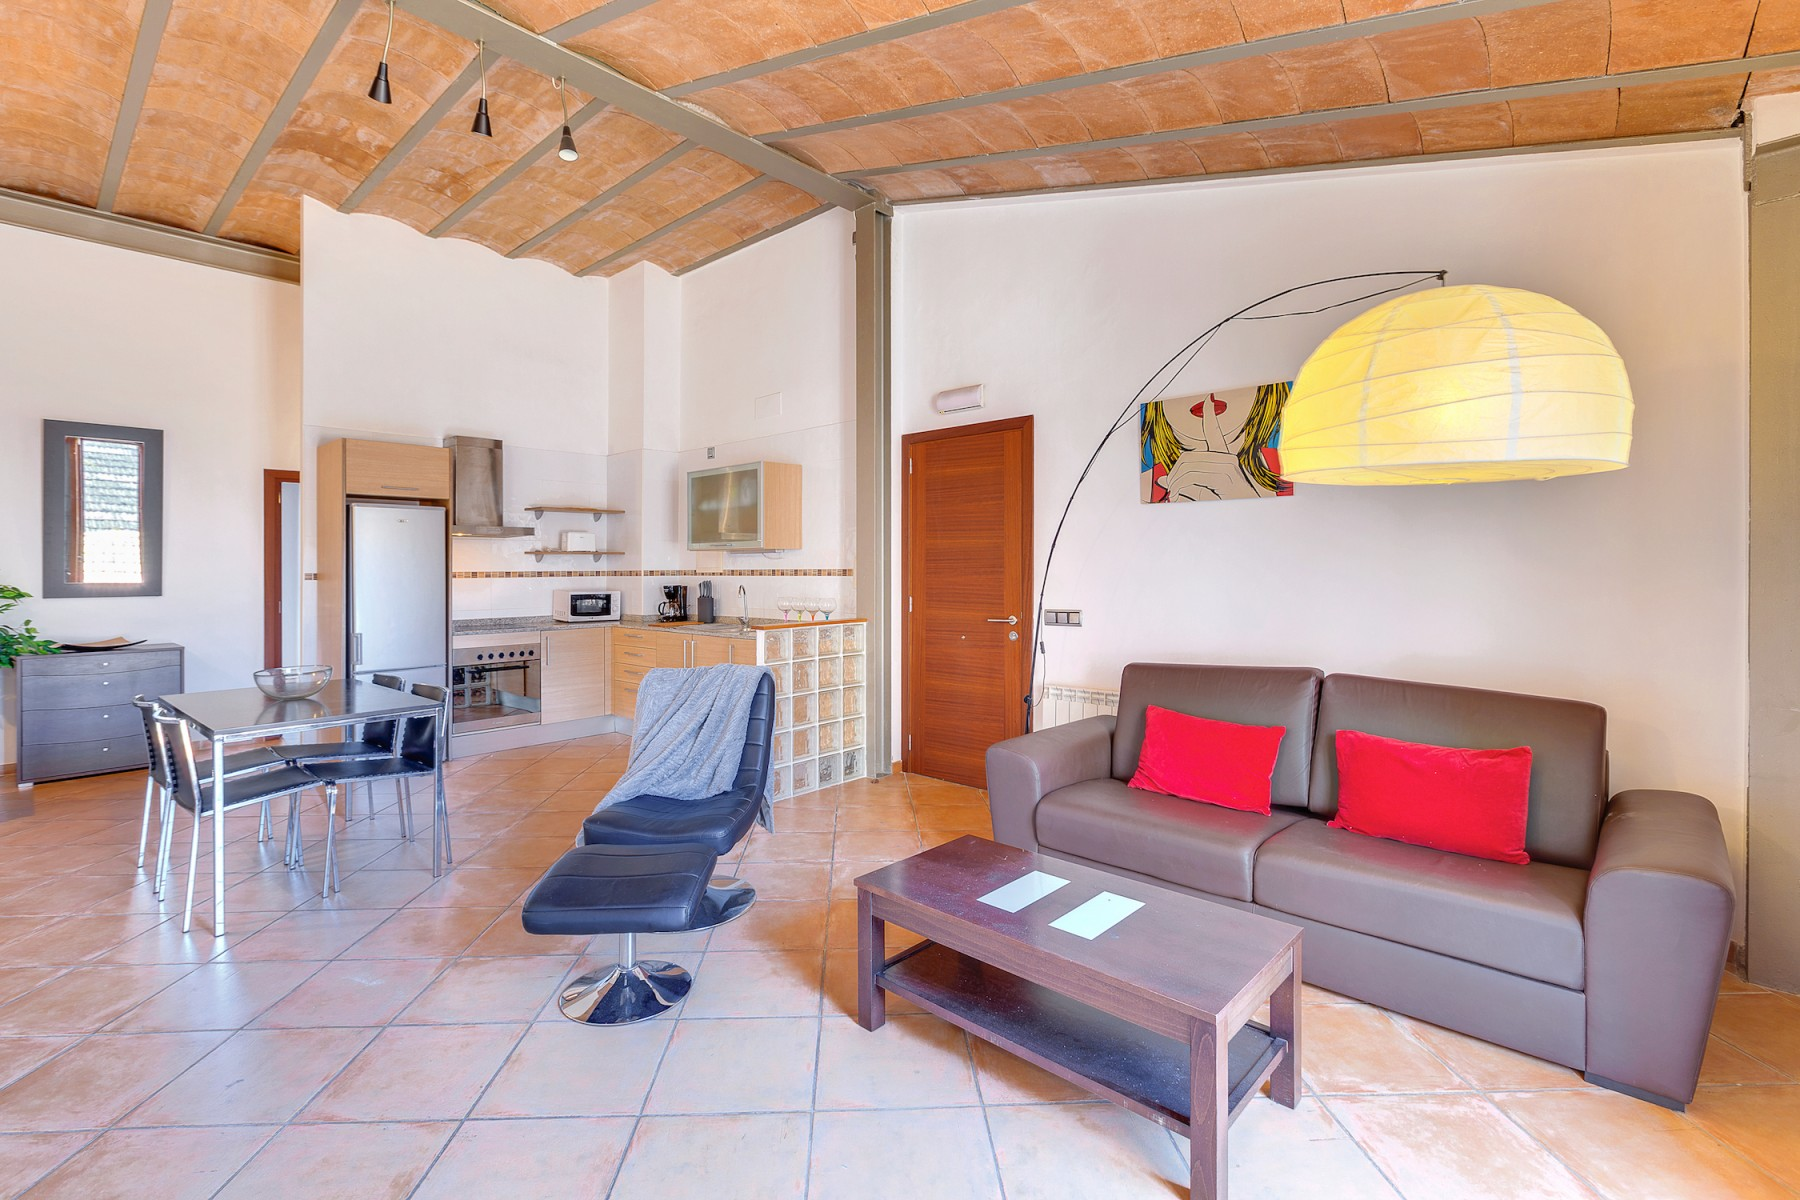 Dormitorios Mallorca.Apartamentos En Palma De Mallorca Ref 197465